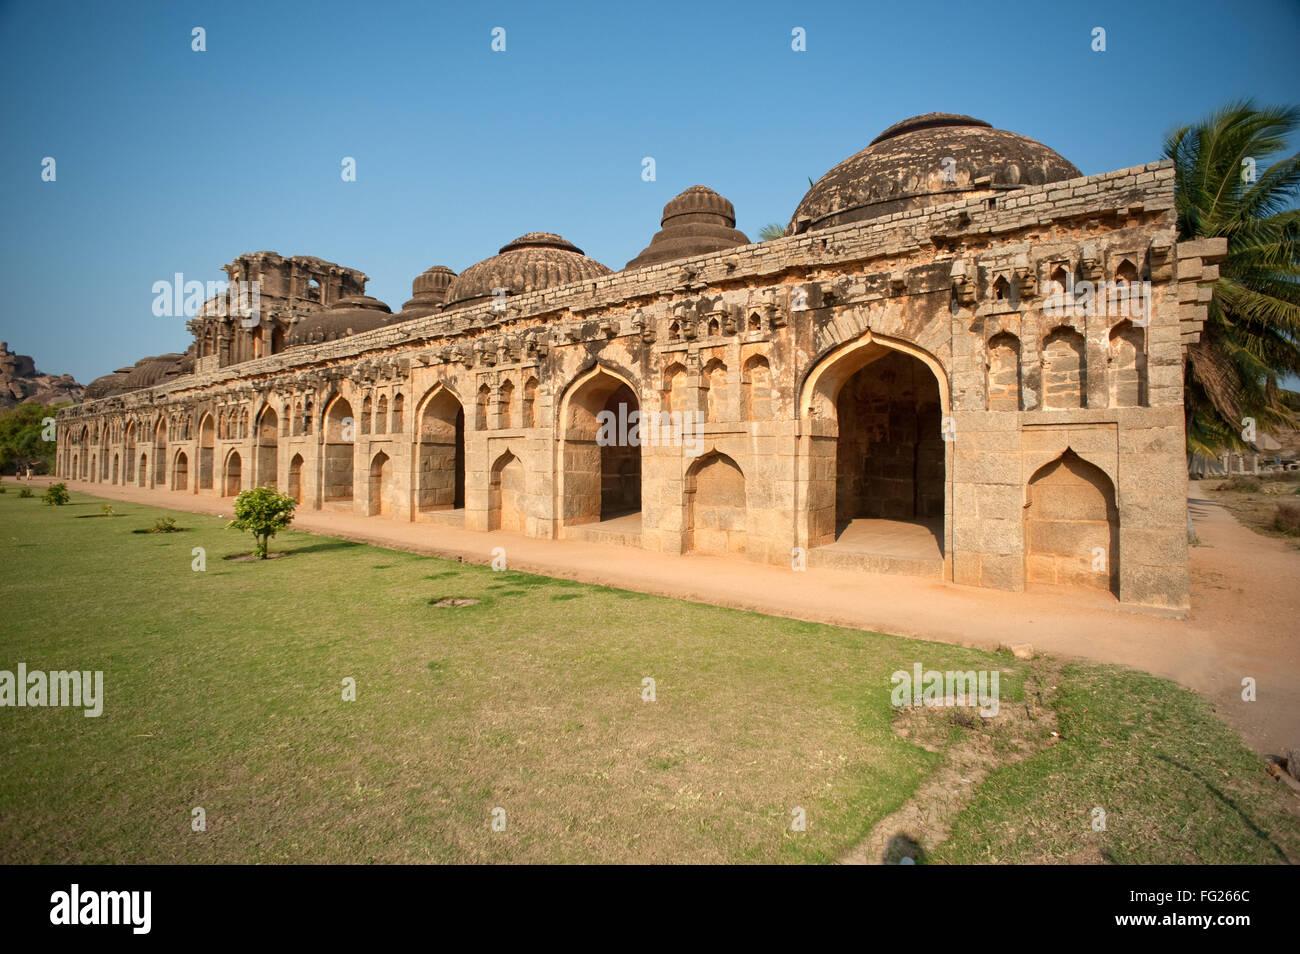 Elephant stables ; Hampi ; Karnataka ; India - Stock Image